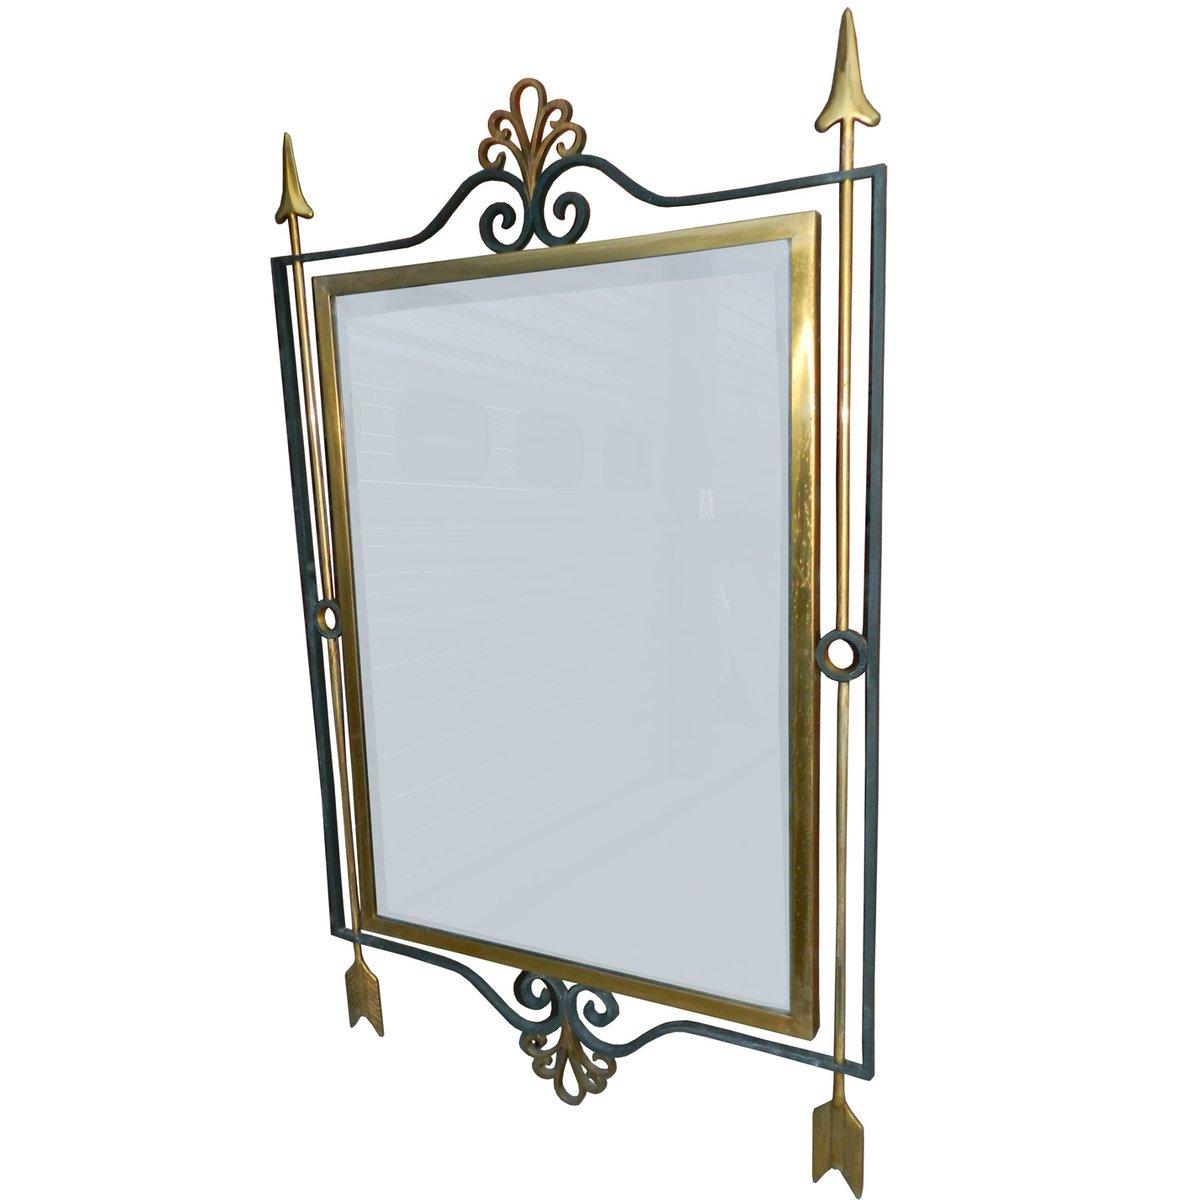 Vintage art deco gilt wrought iron mirror for sale at pamono for Wrought iron mirror